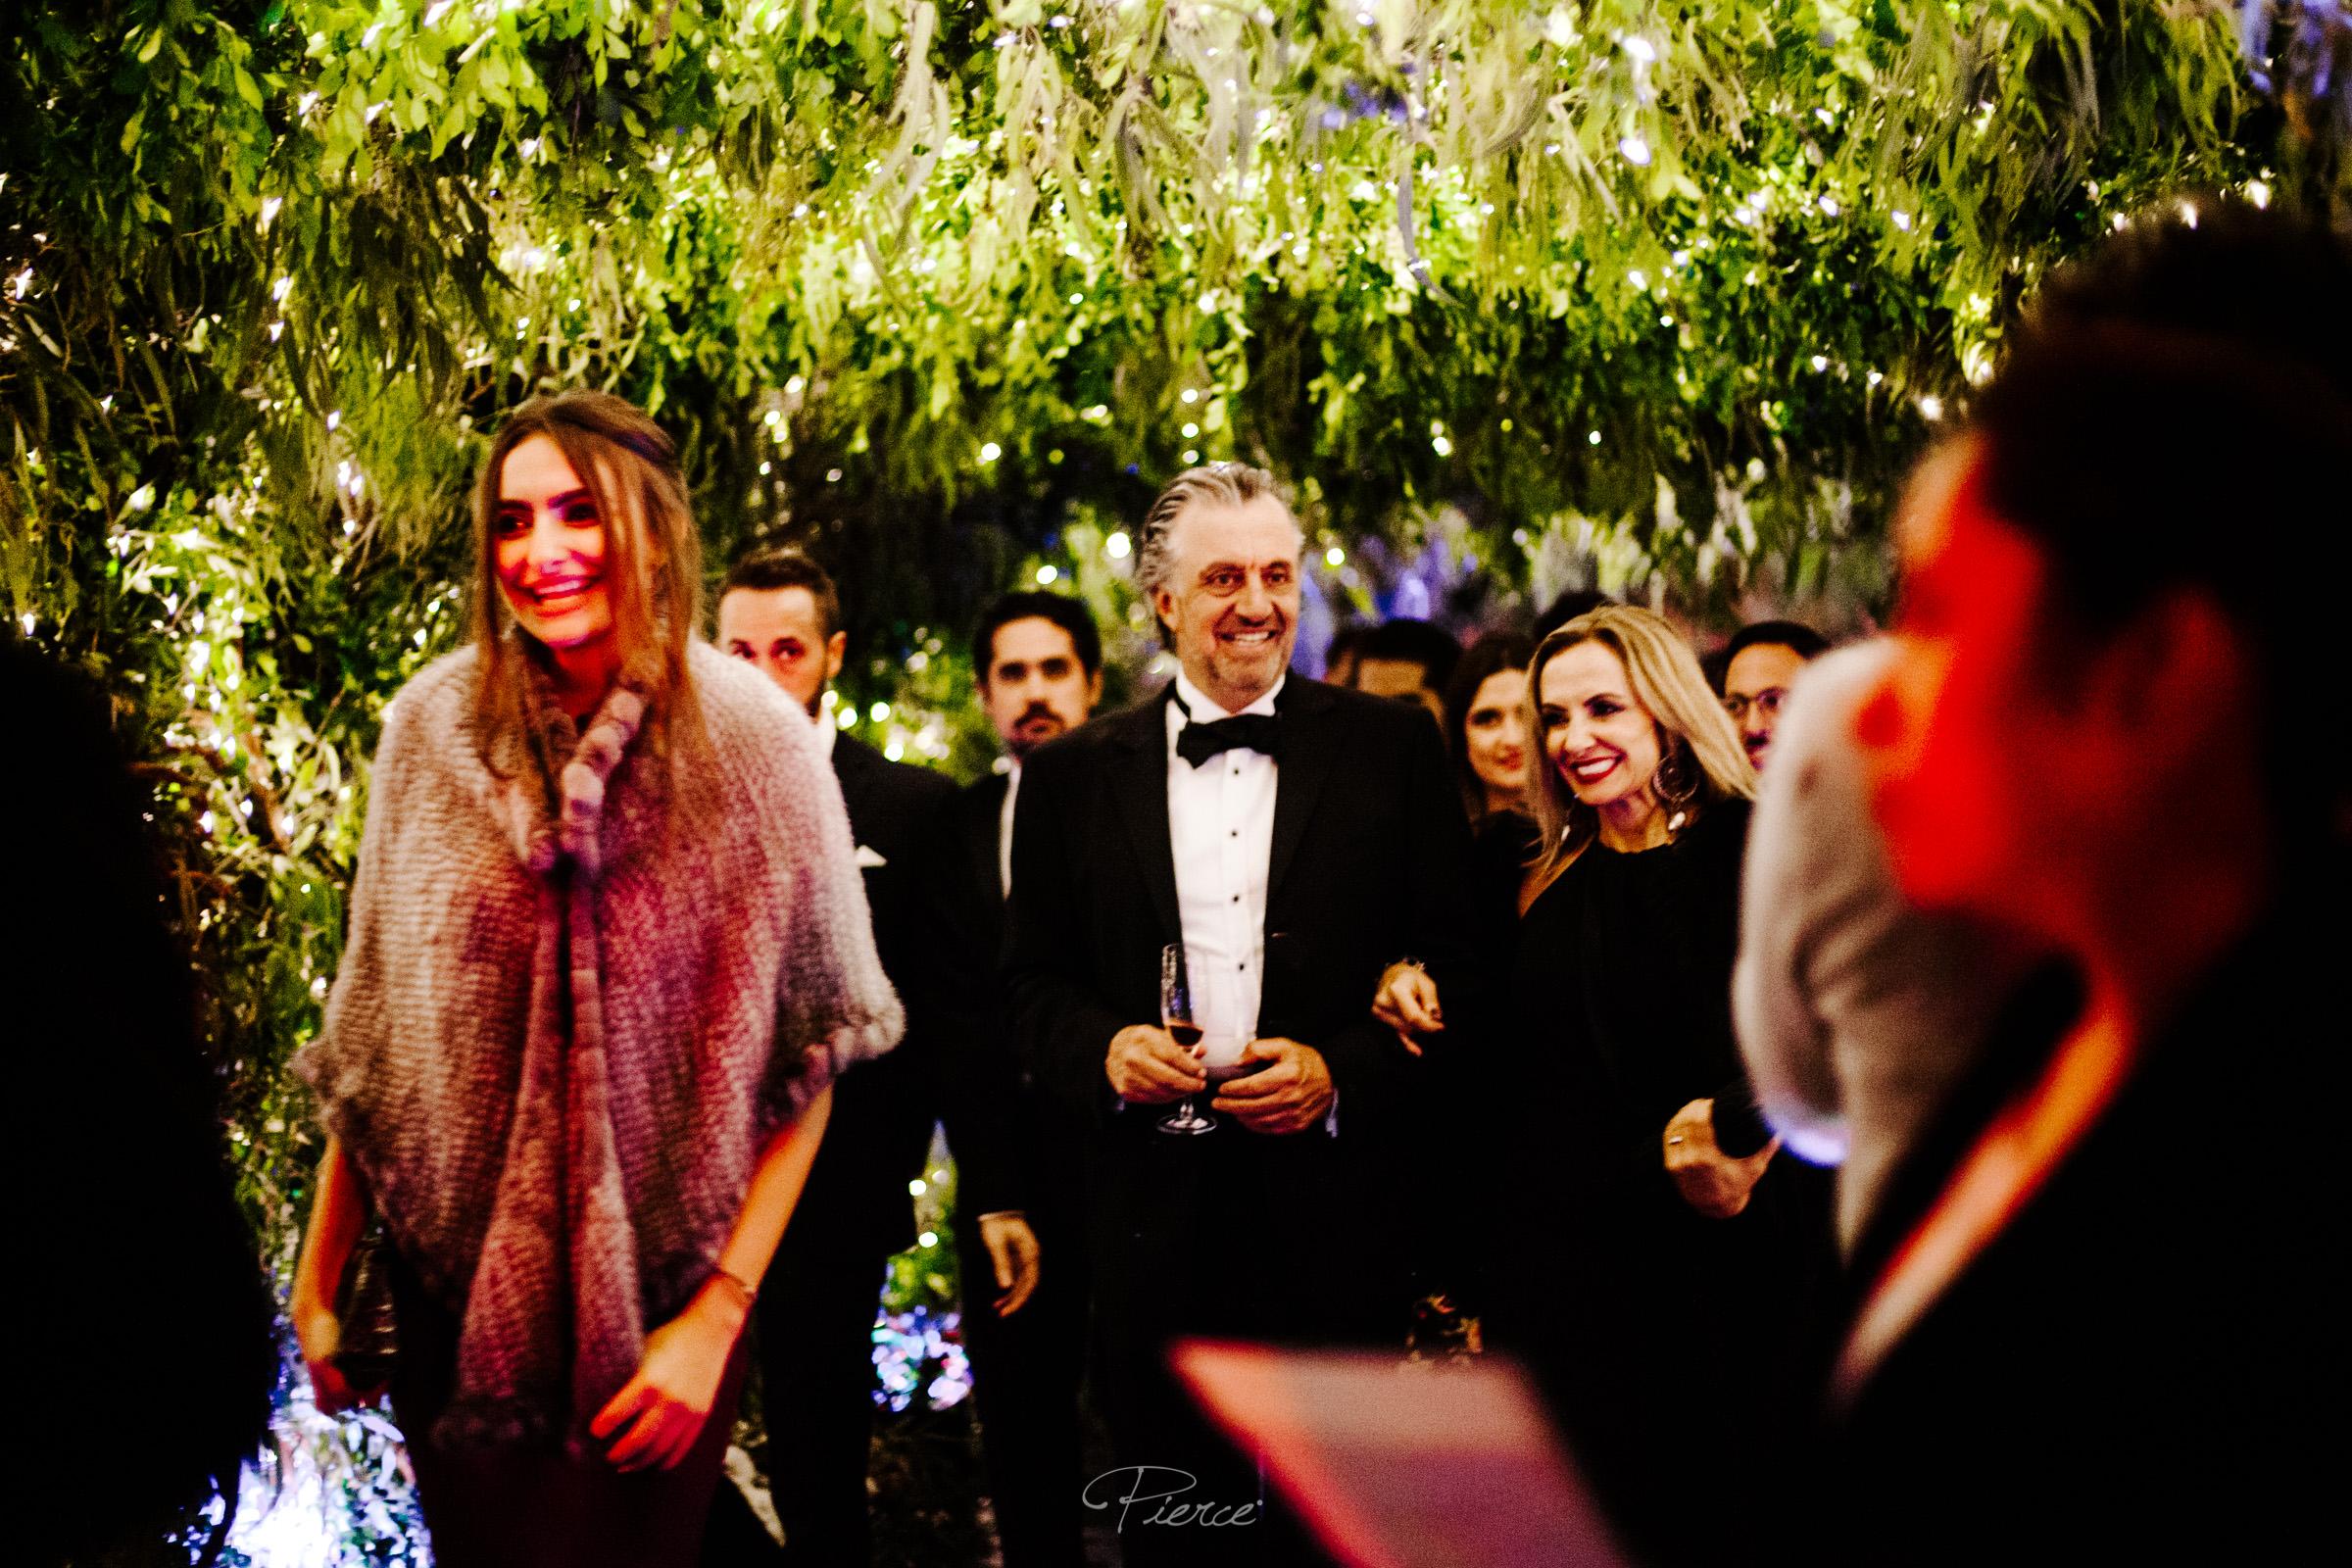 fotografia-de-boda-valle-de-bravo-mexico-rosmarino-pierce-weddings-0166.JPG